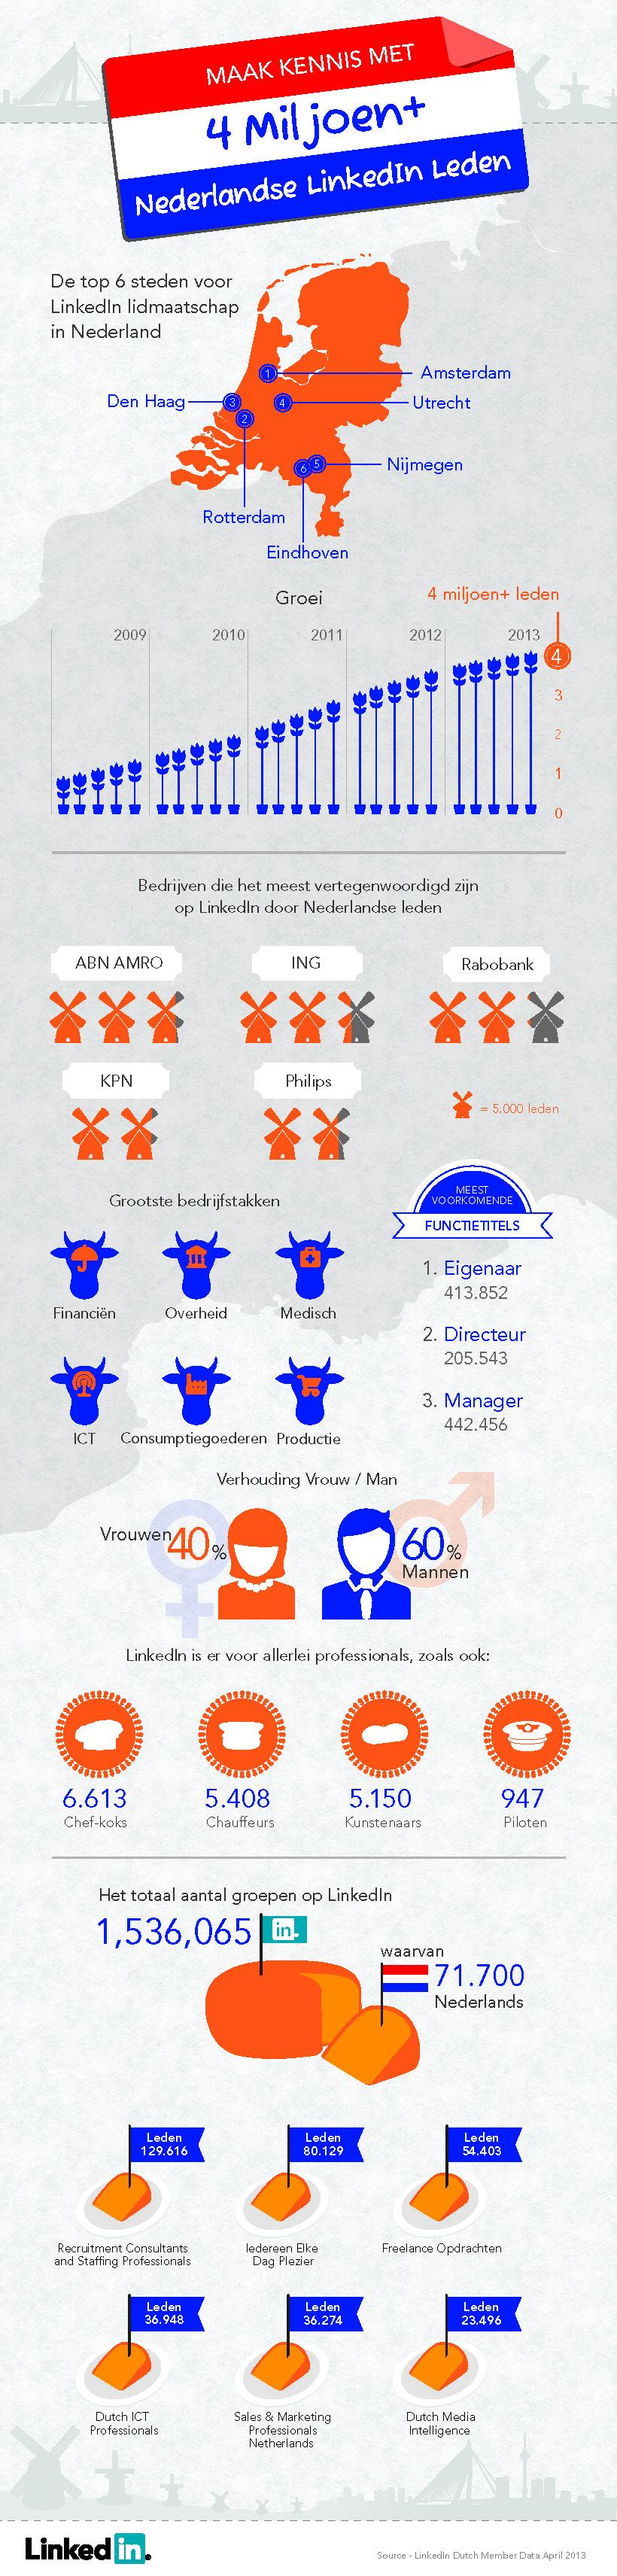 4 miljoen LinkedIn leden in Nederland